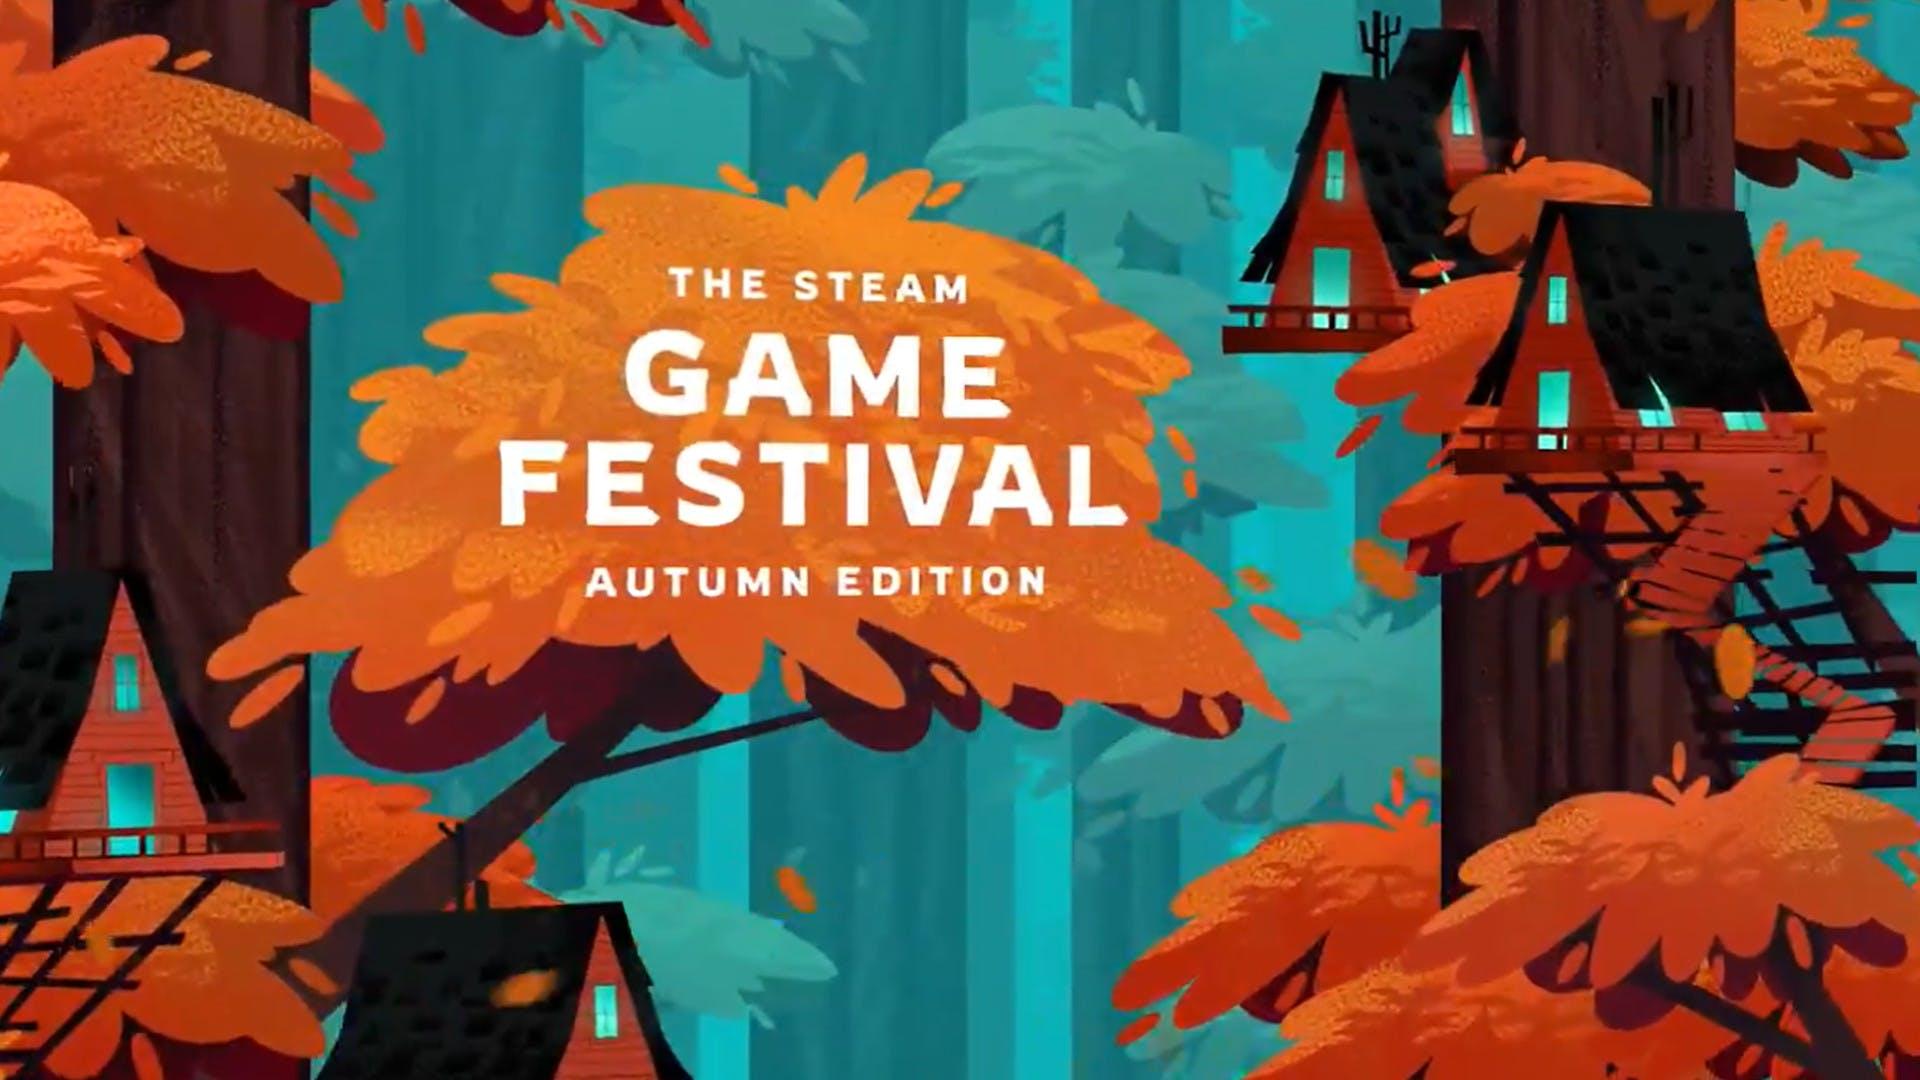 Jesienny Festiwal Gier na Steam - grafika promocyjna.